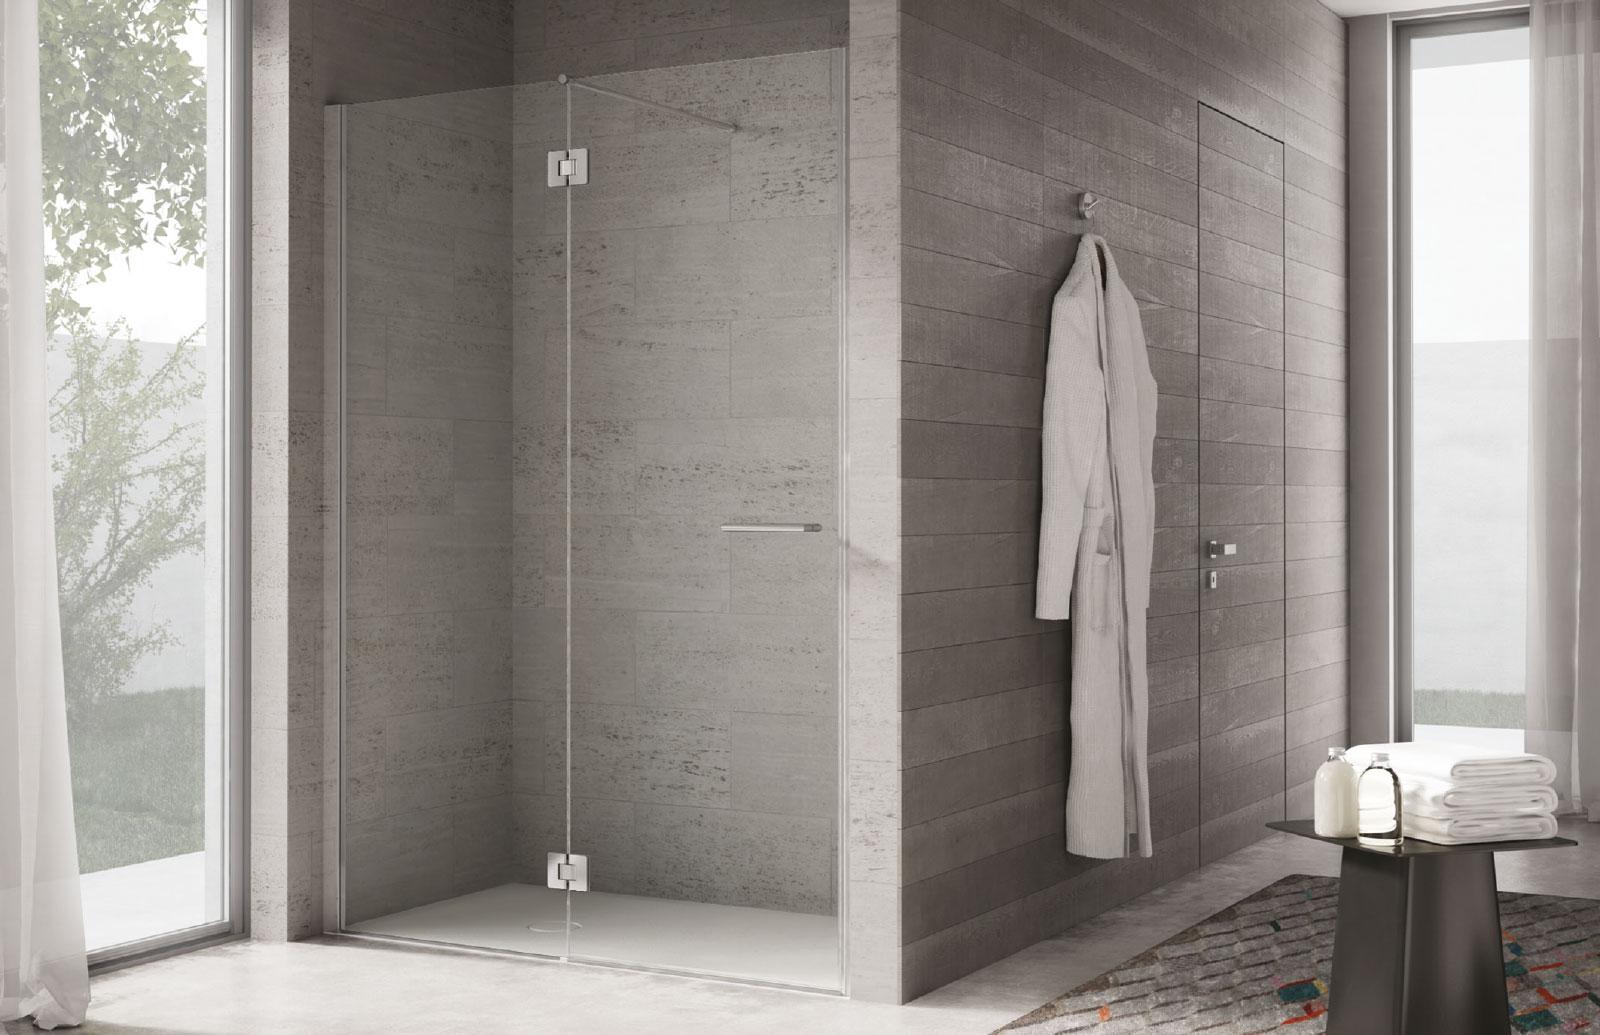 Project cabina doccia su misura disenia - Vasche con cabina doccia ...